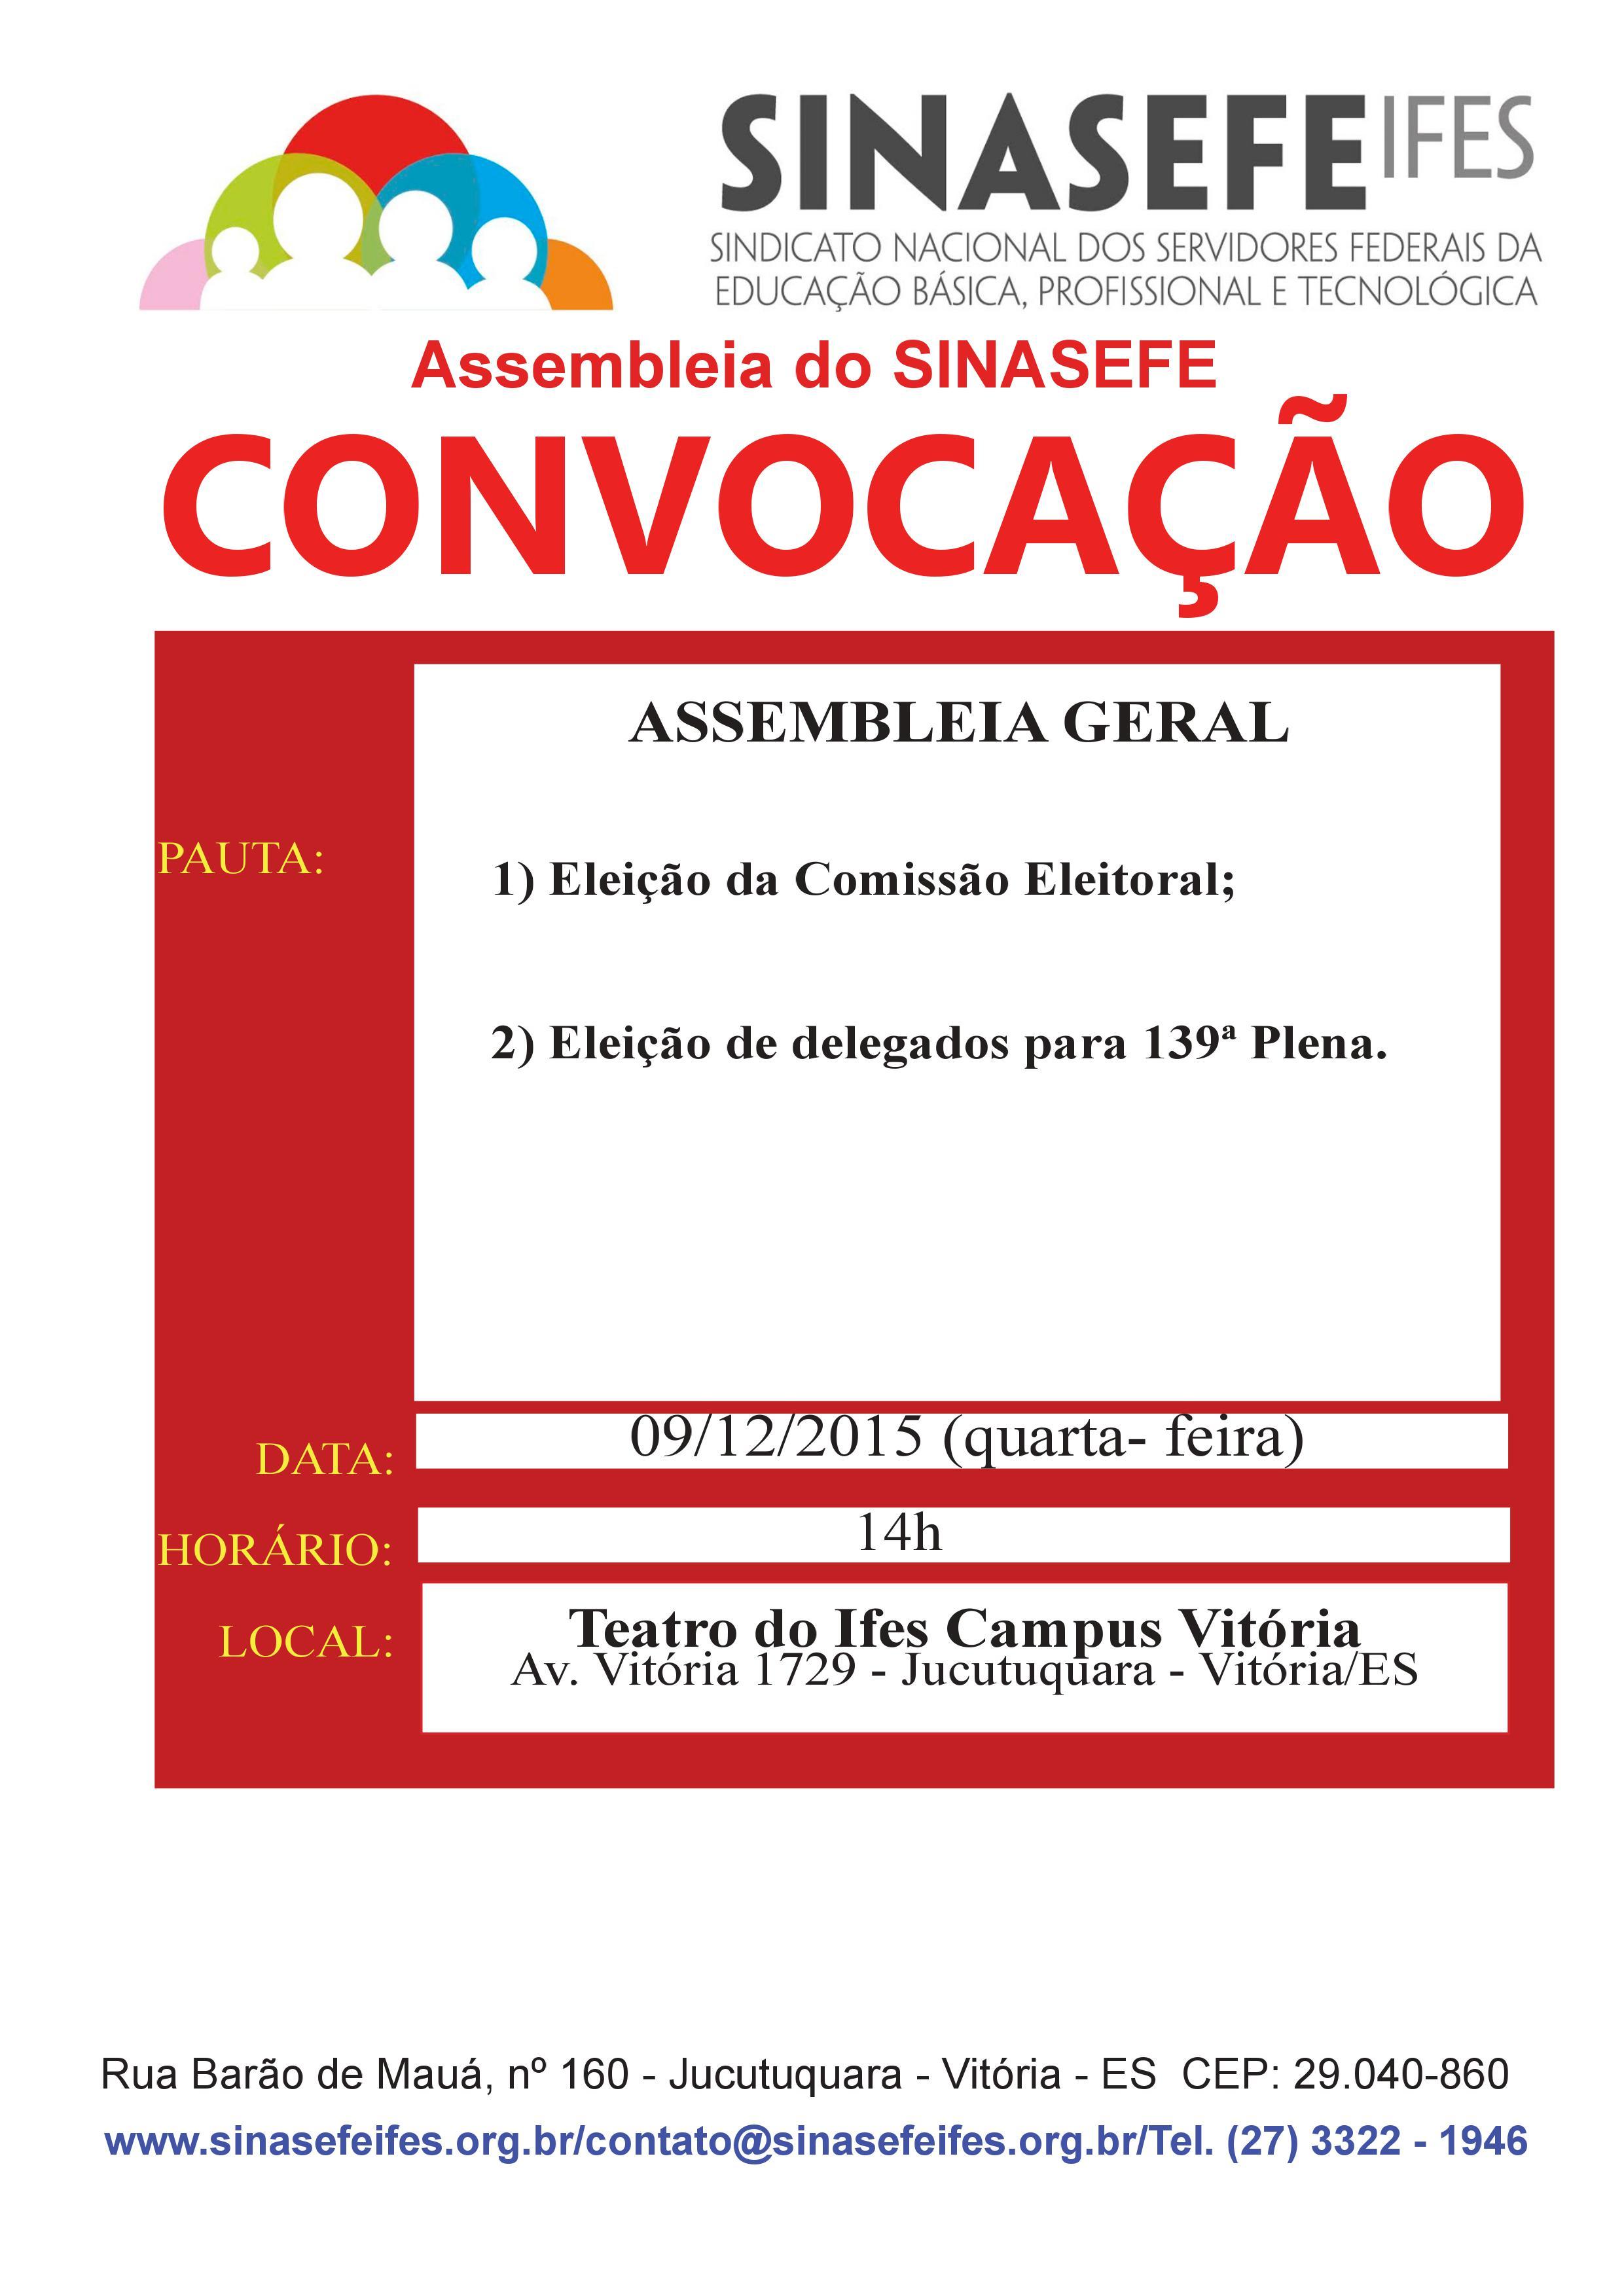 Convocação para assembleia Geral 09.12.2015